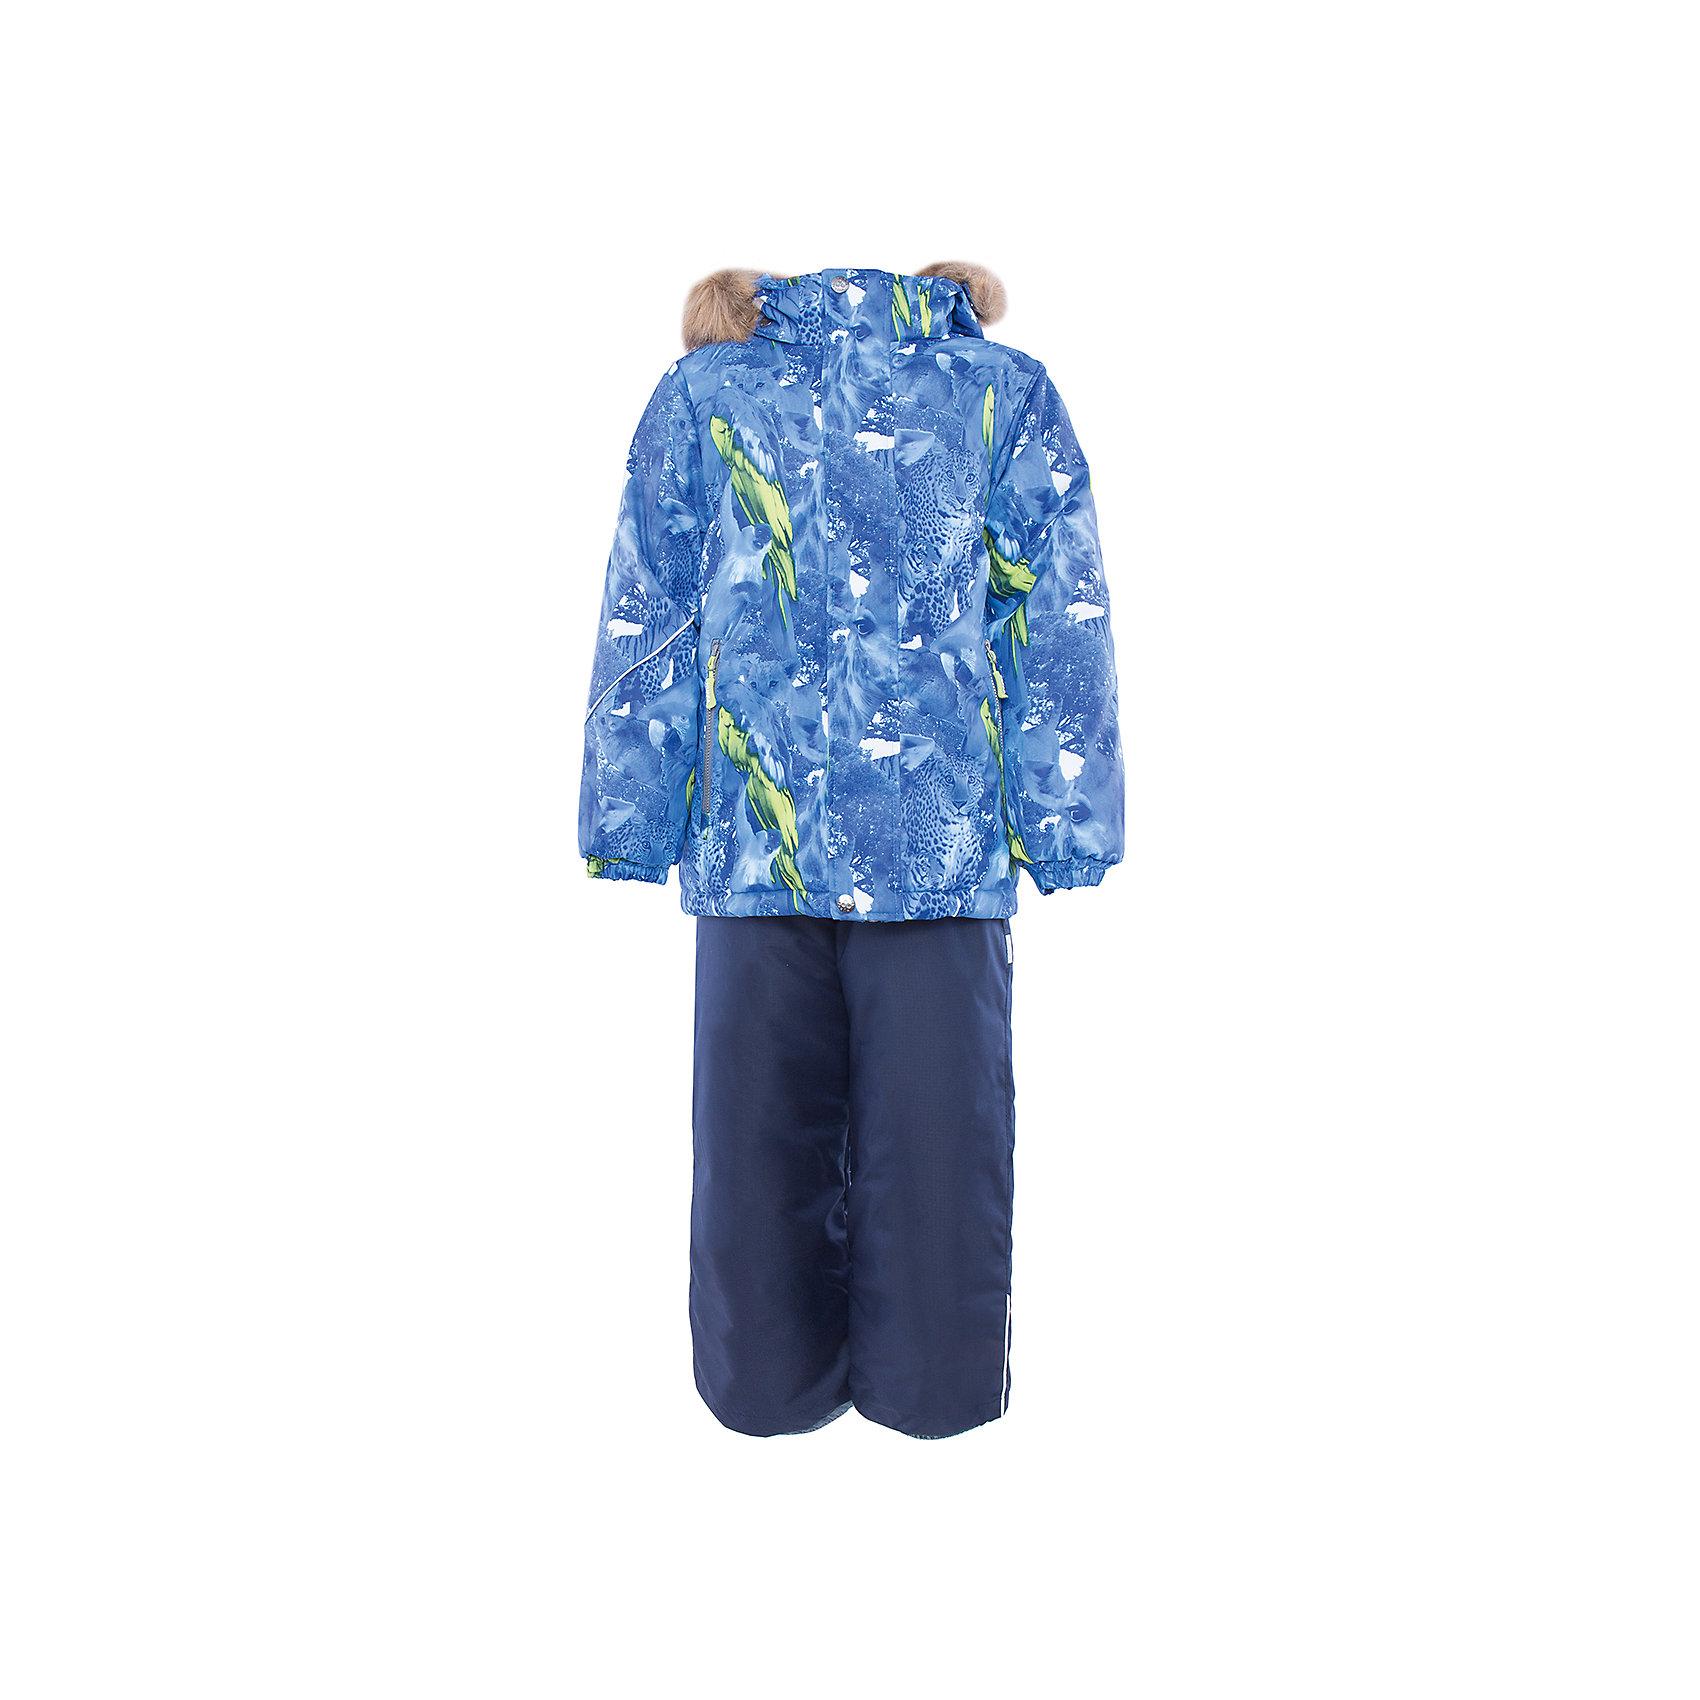 Комплект HuppaВерхняя одежда<br>Комплект из куртки и полукомбинезона DANTE Huppa(Хуппа).<br><br>Утеплитель: 100% полиэстер. Куртка – 300 гр., полукомбинезон – 160 гр.<br><br>Температурный режим: до -30 градусов. Степень утепления – высокая. <br><br>* Температурный режим указан приблизительно — необходимо, прежде всего, ориентироваться на ощущения ребенка. Температурный режим работает в случае соблюдения правила многослойности – использования флисовой поддевы и термобелья.<br><br>Имеет яркую расцветку и придется по вкусу любому юному моднику. Комплект очень теплый и способен защитить вашего ребенка от мороза, ветра и перегрева даже при самых активных играх. Полукомбинезон с подтяжками и резинкой на поясе. Куртка имеет капюшон с искусственным мехом и резинки на манжетах<br><br>Особенности:<br>-дышащий и водонепроницаемый<br>-водостойкая лента на швах<br>-прочные материалы<br>-светоотражающие элементы<br>-съемный капюшон с отстегивающимся мехом<br>-плечевые швы, шаговый шов, боковые швы проклеены<br><br>Дополнительная информация:<br>Материал: 100% полиэстер<br>Подкладка: тафта, флис, pritex - 100% полиэстер<br>Цвет: синий/темно-синий<br><br>Вы можете приобрести комплект DANTE Huppa(Хуппа) в нашем интернет-магазине.<br><br>Ширина мм: 356<br>Глубина мм: 10<br>Высота мм: 245<br>Вес г: 519<br>Цвет: синий<br>Возраст от месяцев: 36<br>Возраст до месяцев: 48<br>Пол: Унисекс<br>Возраст: Детский<br>Размер: 104,146,110,116,122,128,134,140<br>SKU: 4928843